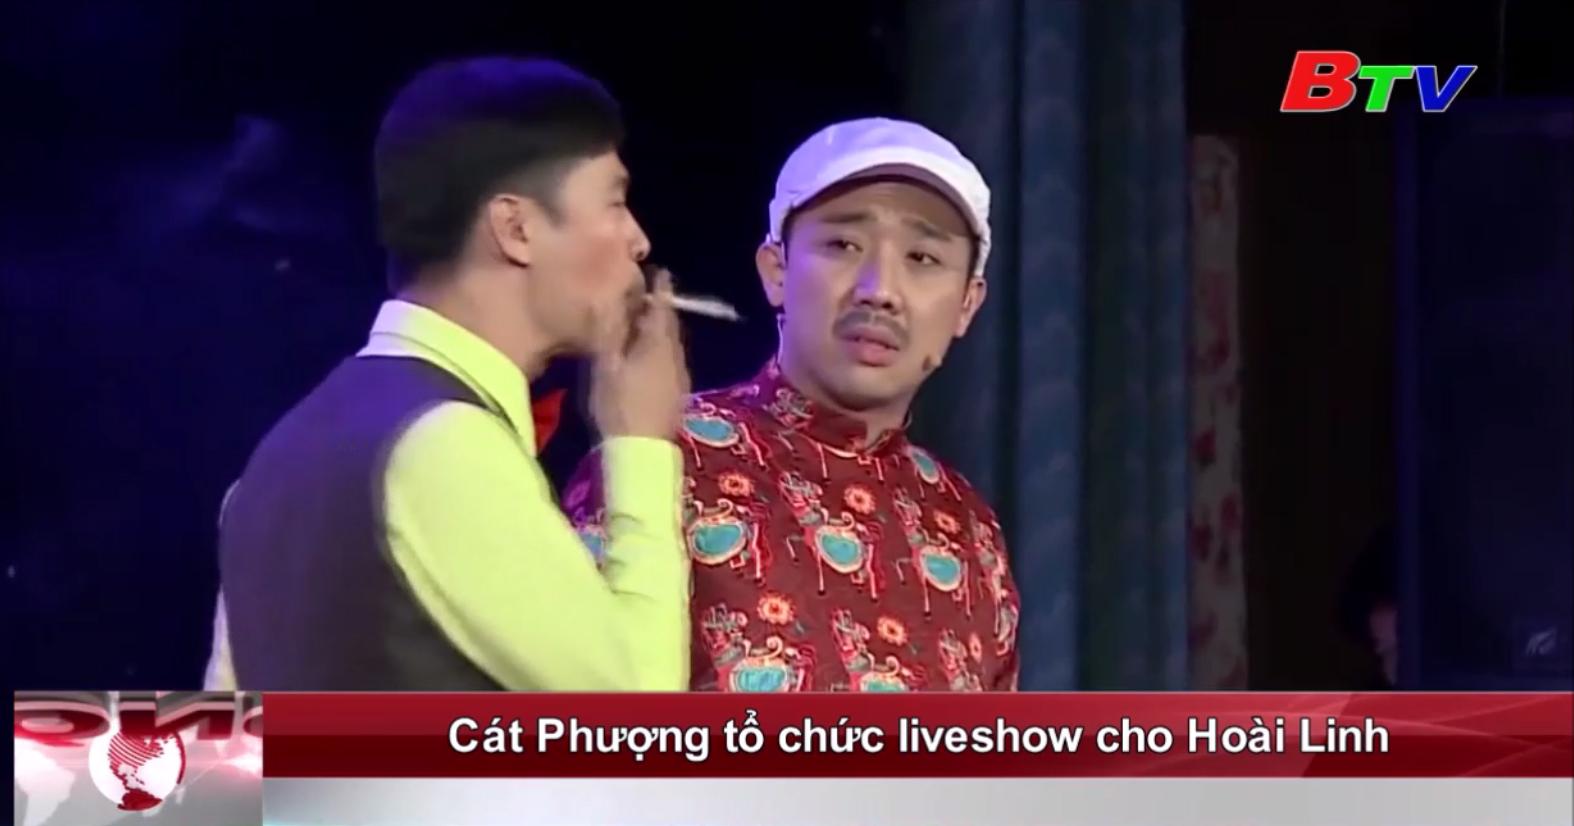 Cát Phượng tổ chức liveshow cho Hoài Linh